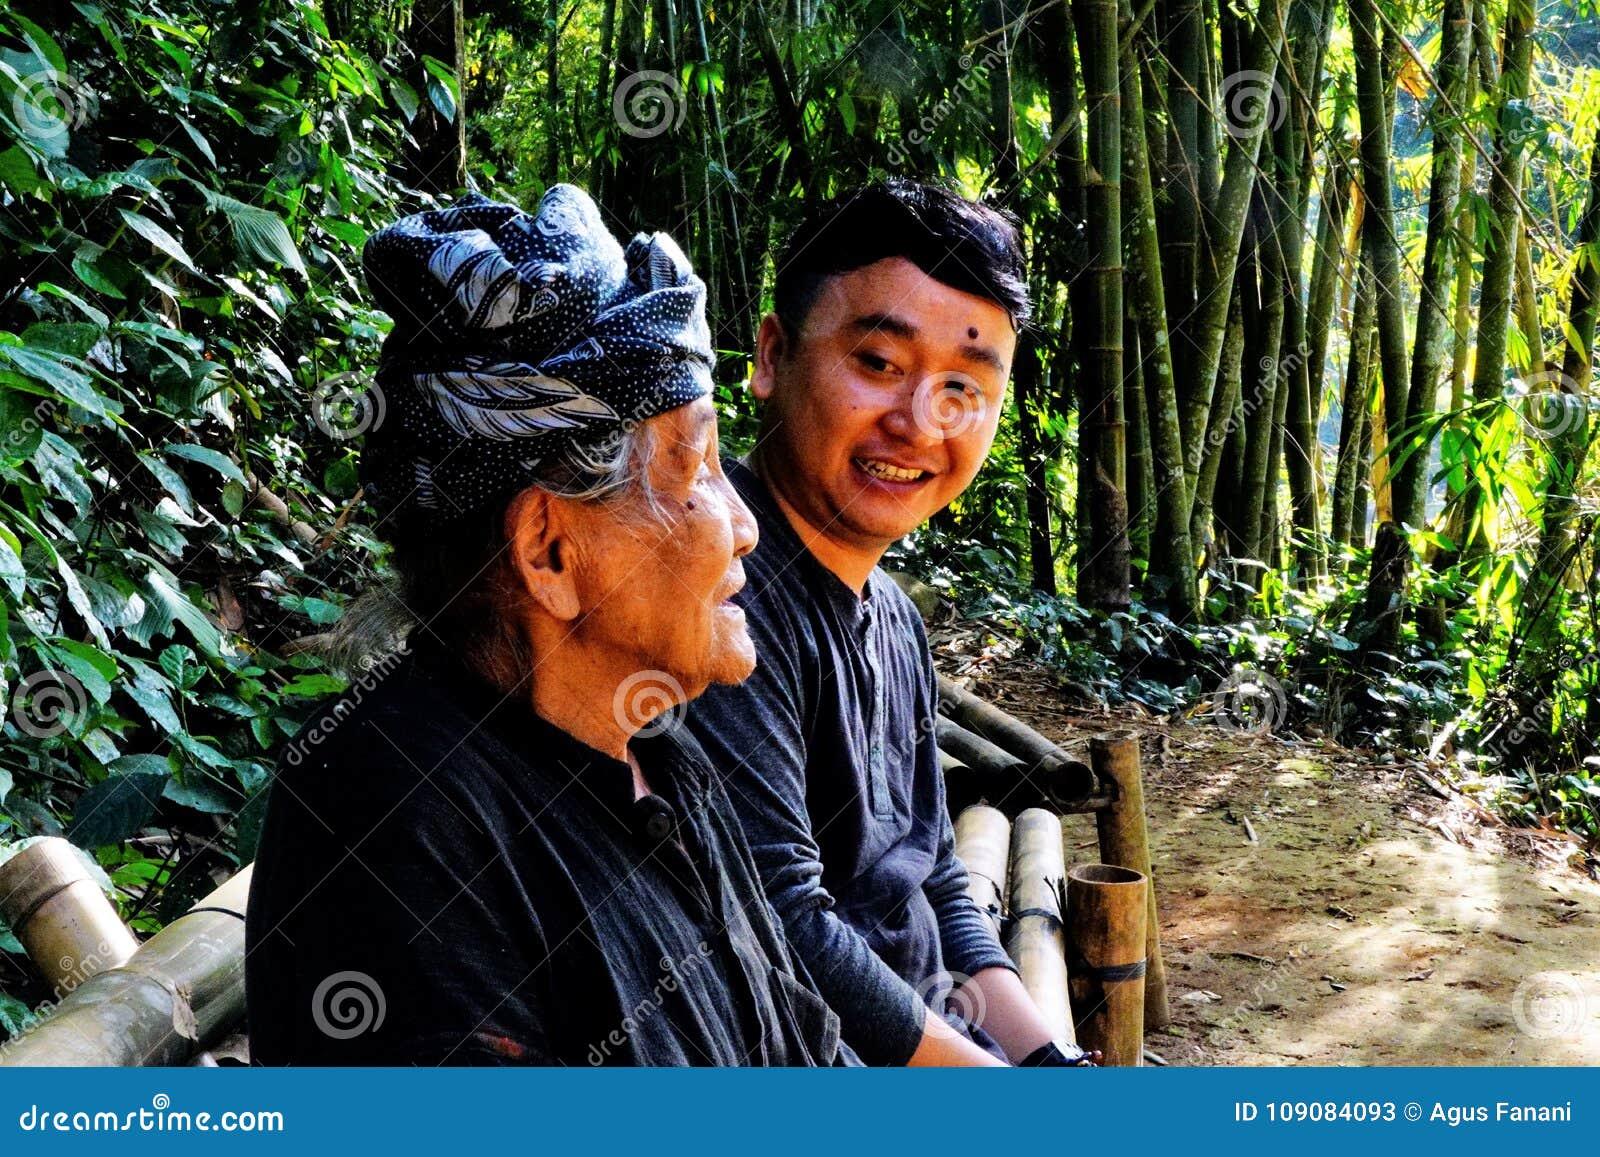 Dos generaciones a partir de dos diversas culturas